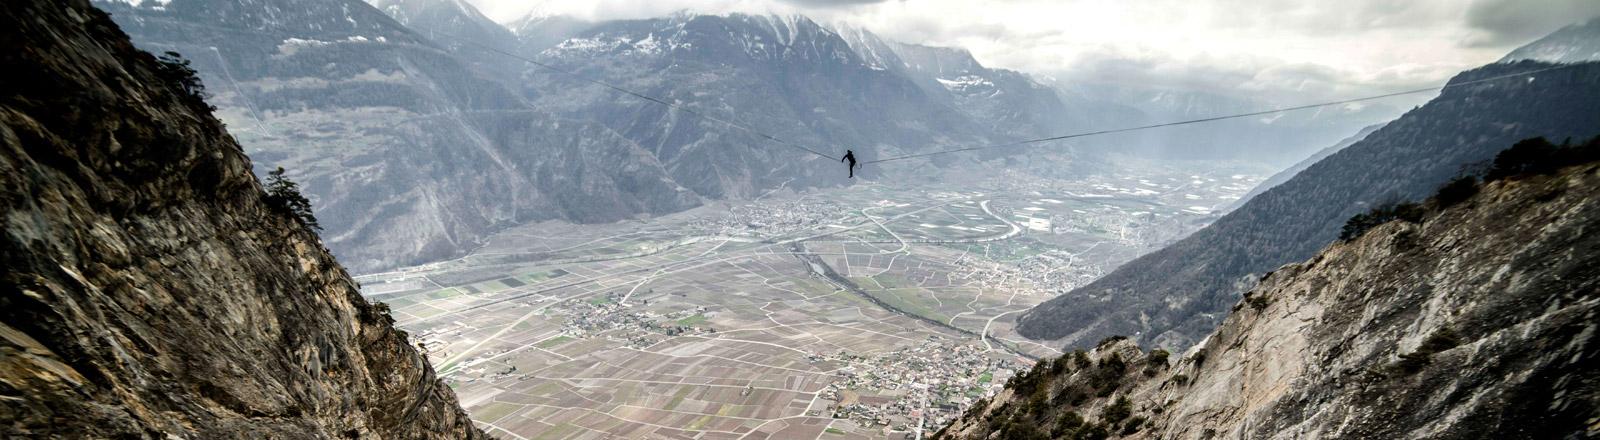 Julian Mittermaier auf einer Highline in den Alpen